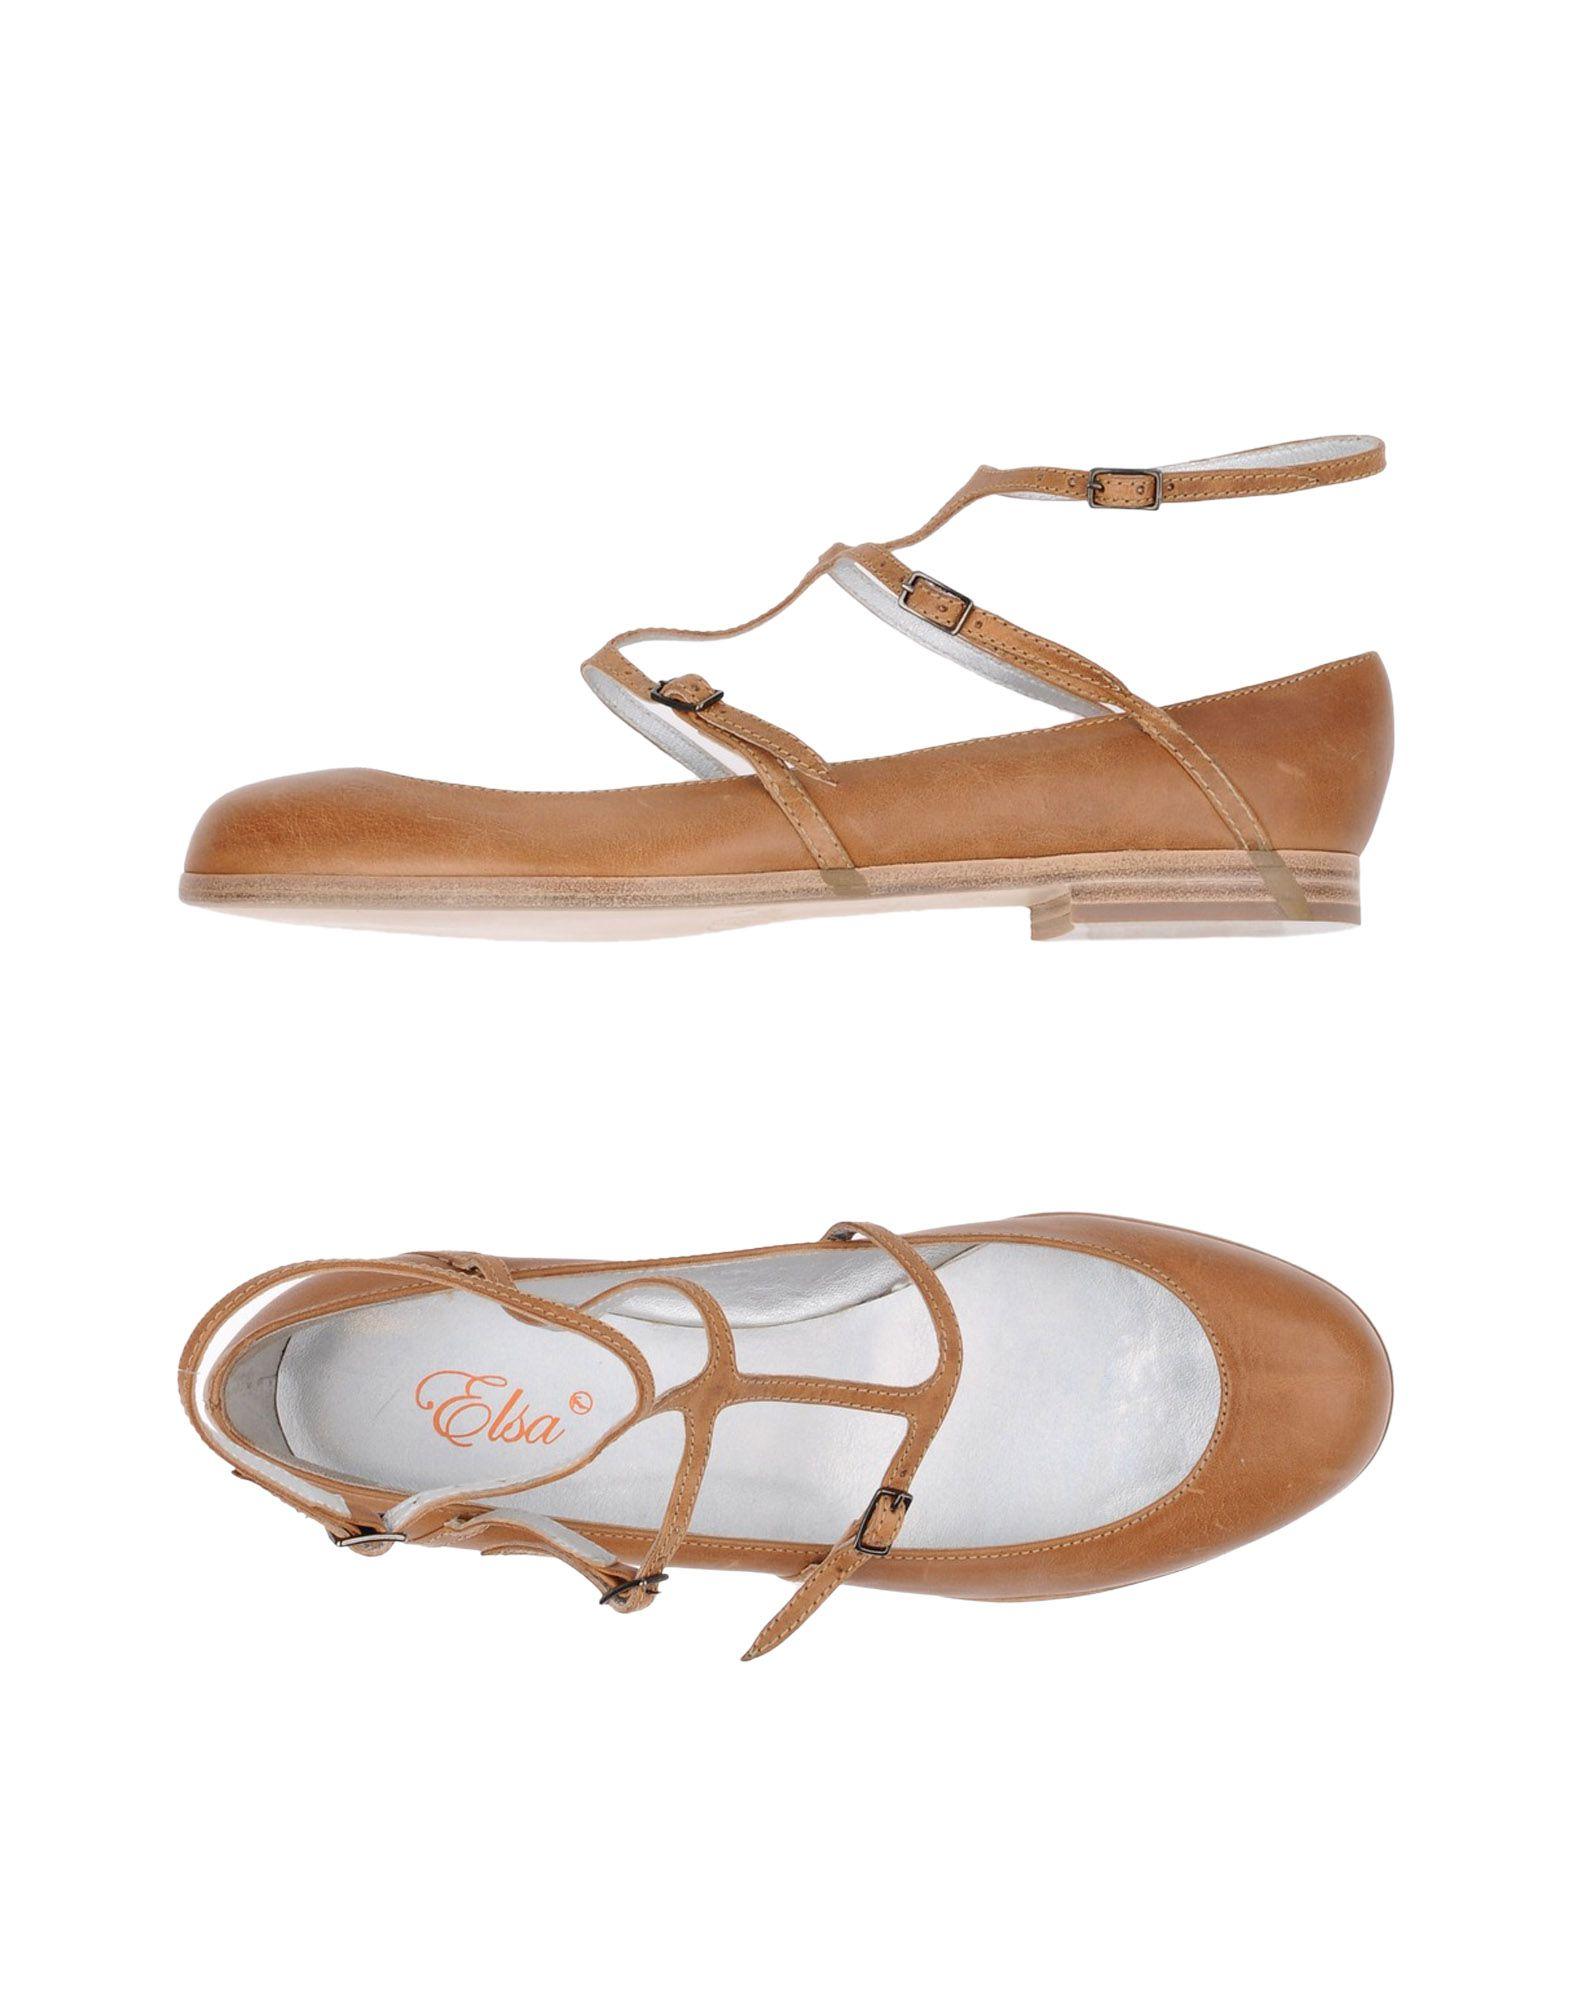 Ballerines Elsa Shoes Femme - Ballerines Elsa Shoes sur